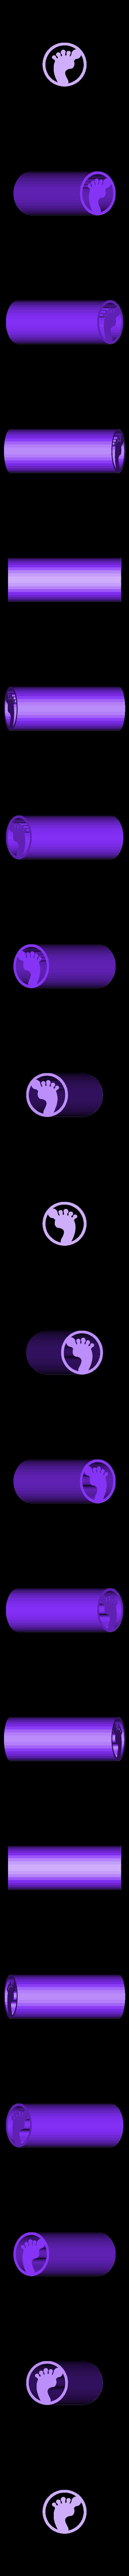 foot.STL Télécharger fichier STL 36 CONSEILS SUR LES FILTRES À MAUVAISES HERBES VOL.1+2+3+4 • Design pour impression 3D, SnakeCreations